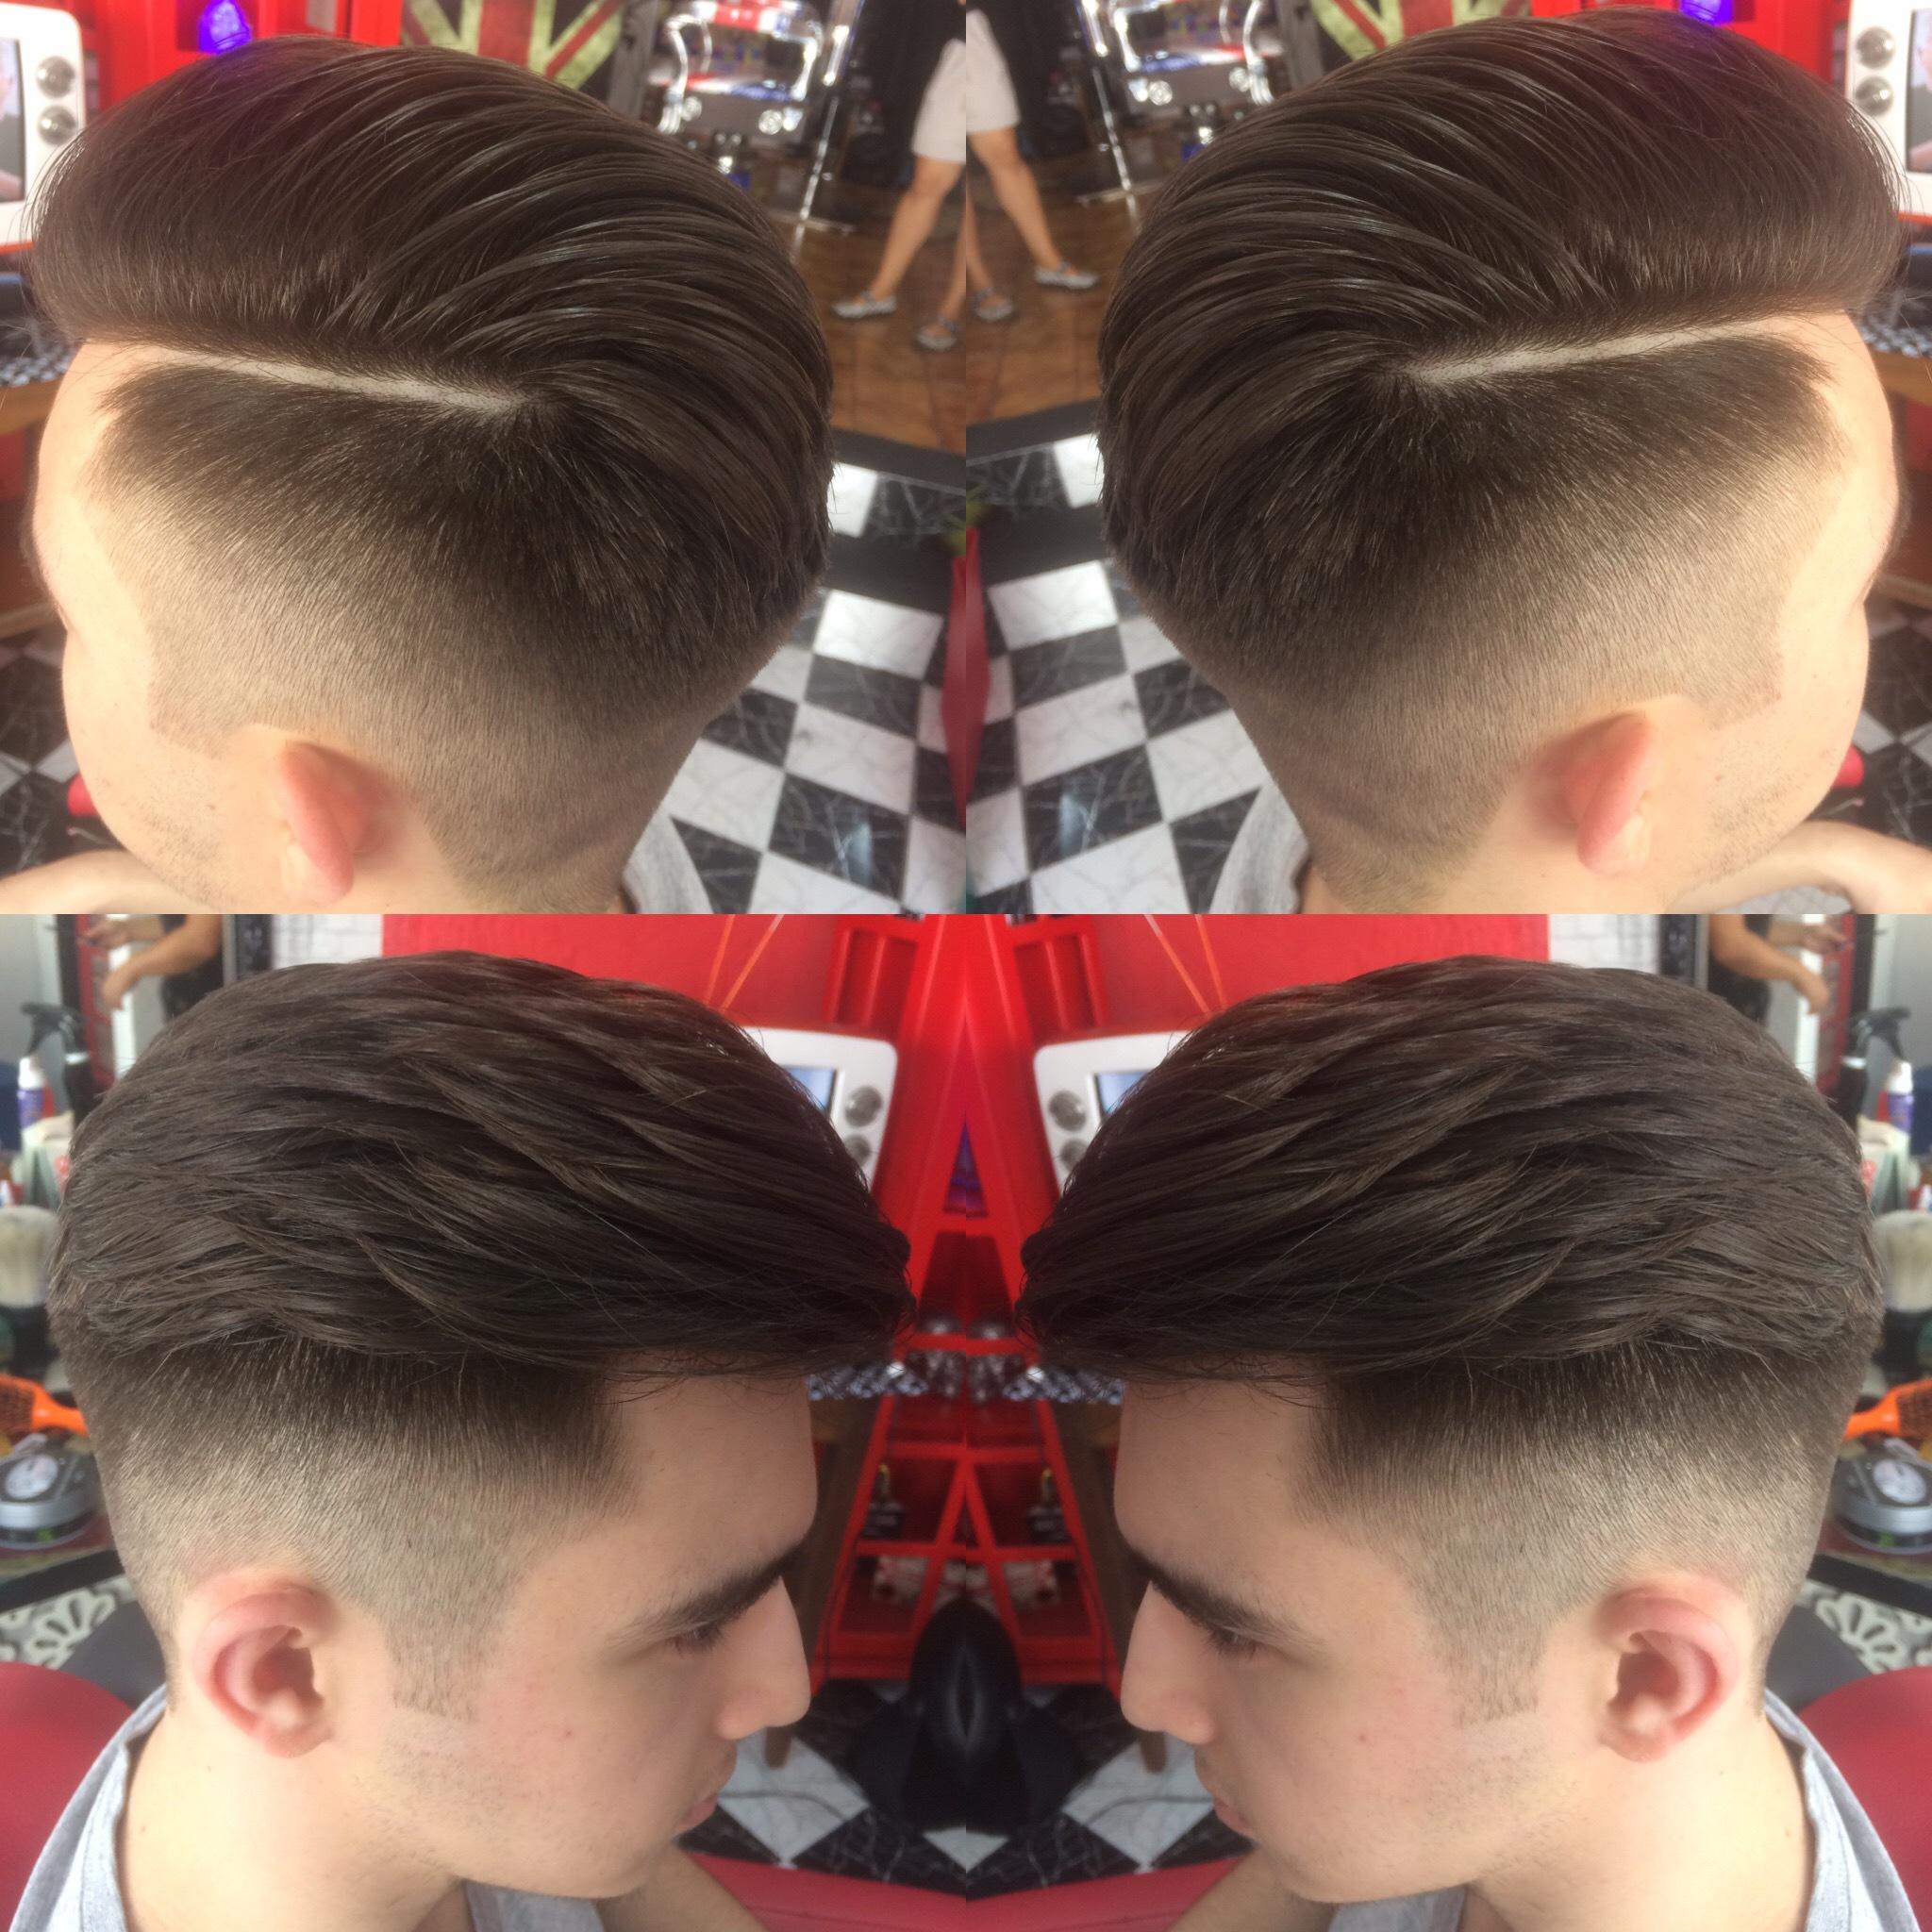 Aqui eu fiz um Fade, um corte muito pedido no momento!!!#barbers #undercut #razorpart #pompadour... cabelo cabeleireiro(a) barbeiro(a)